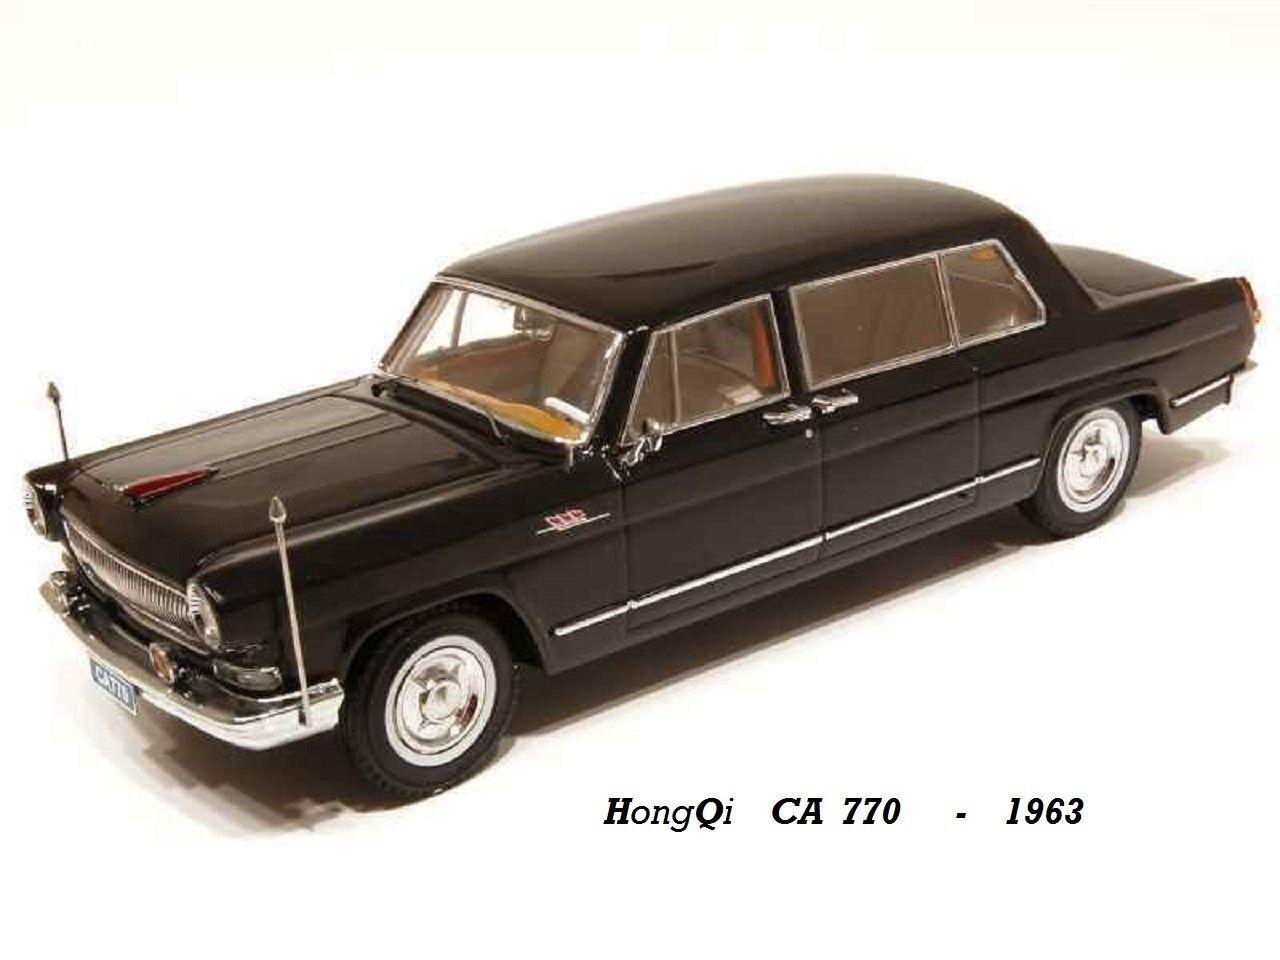 Bienvenue dans la nouvelle boutique boutique boutique en trois étapes pour célébrer les quatre auspicieux HONGQI Limousine CA 770 Noire 1963  Century Dragon 1/18   Exquise (in) De Fabrication  7b80ce